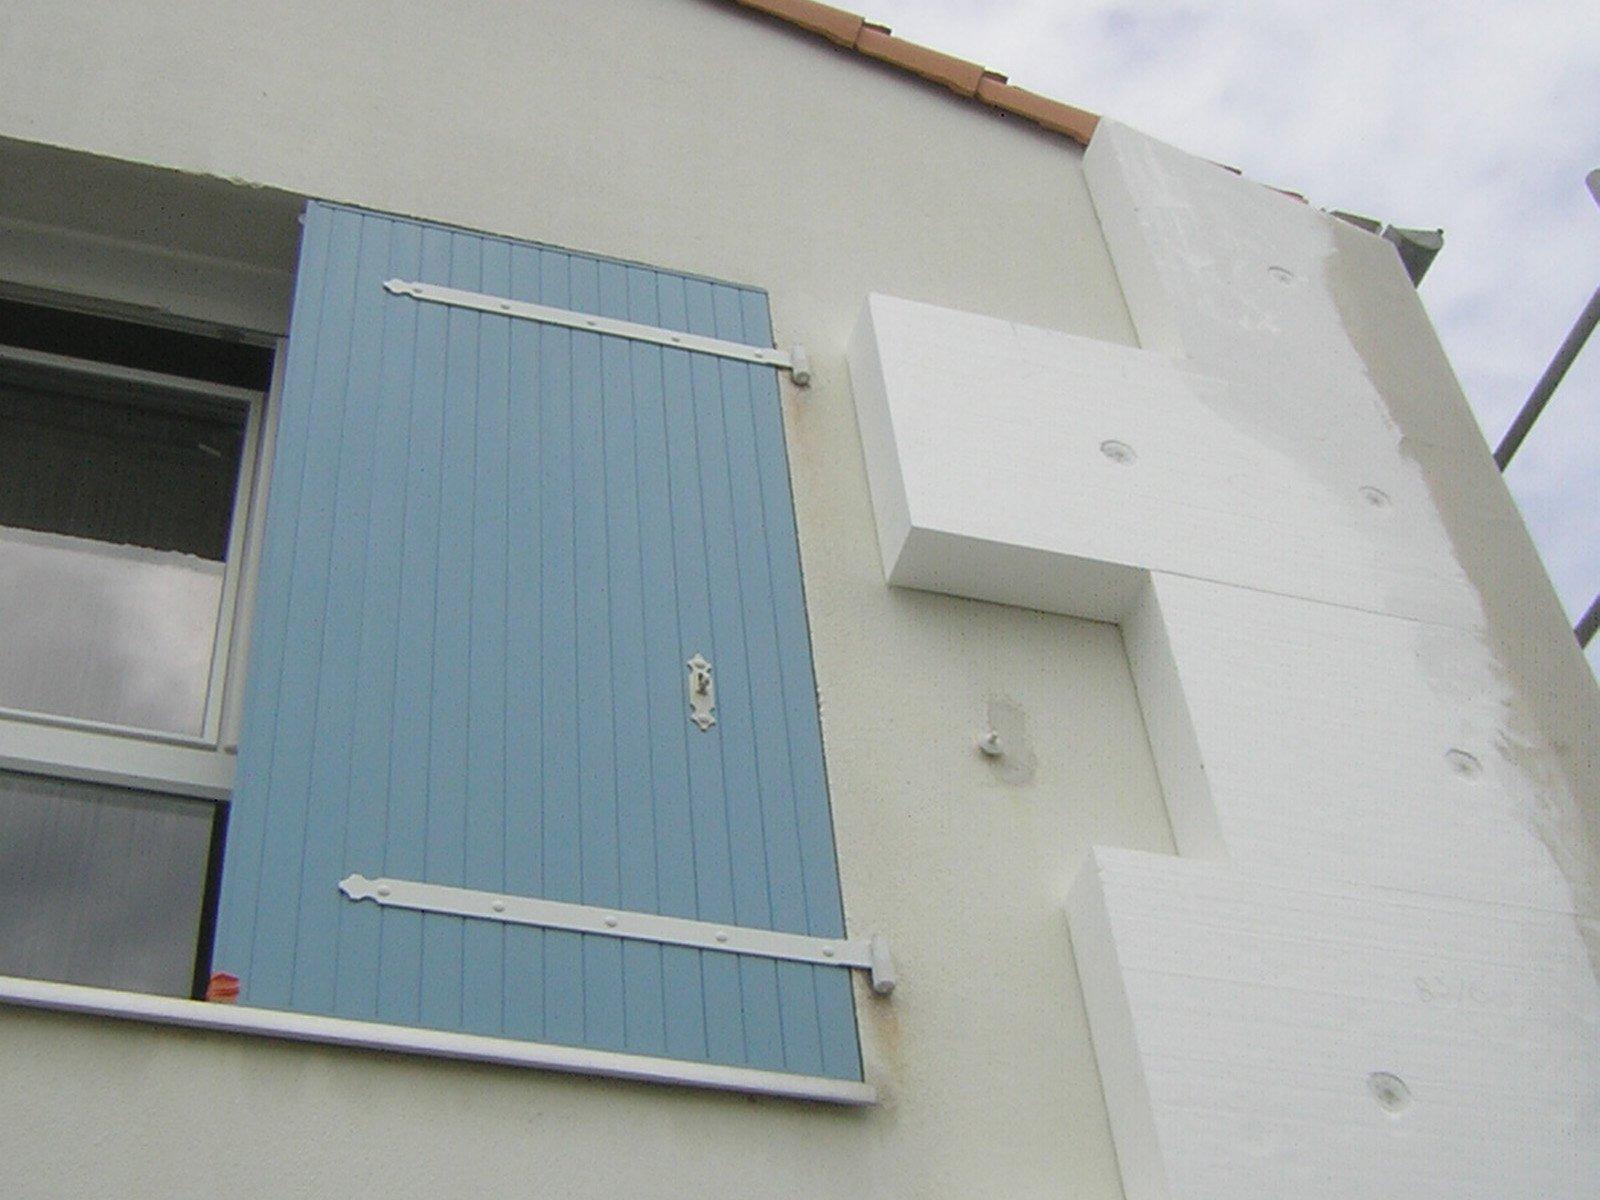 Isolation extérieure en cours sur la façade d'une maison avec volets bleus par ROGER SAS en Loire Atlantique